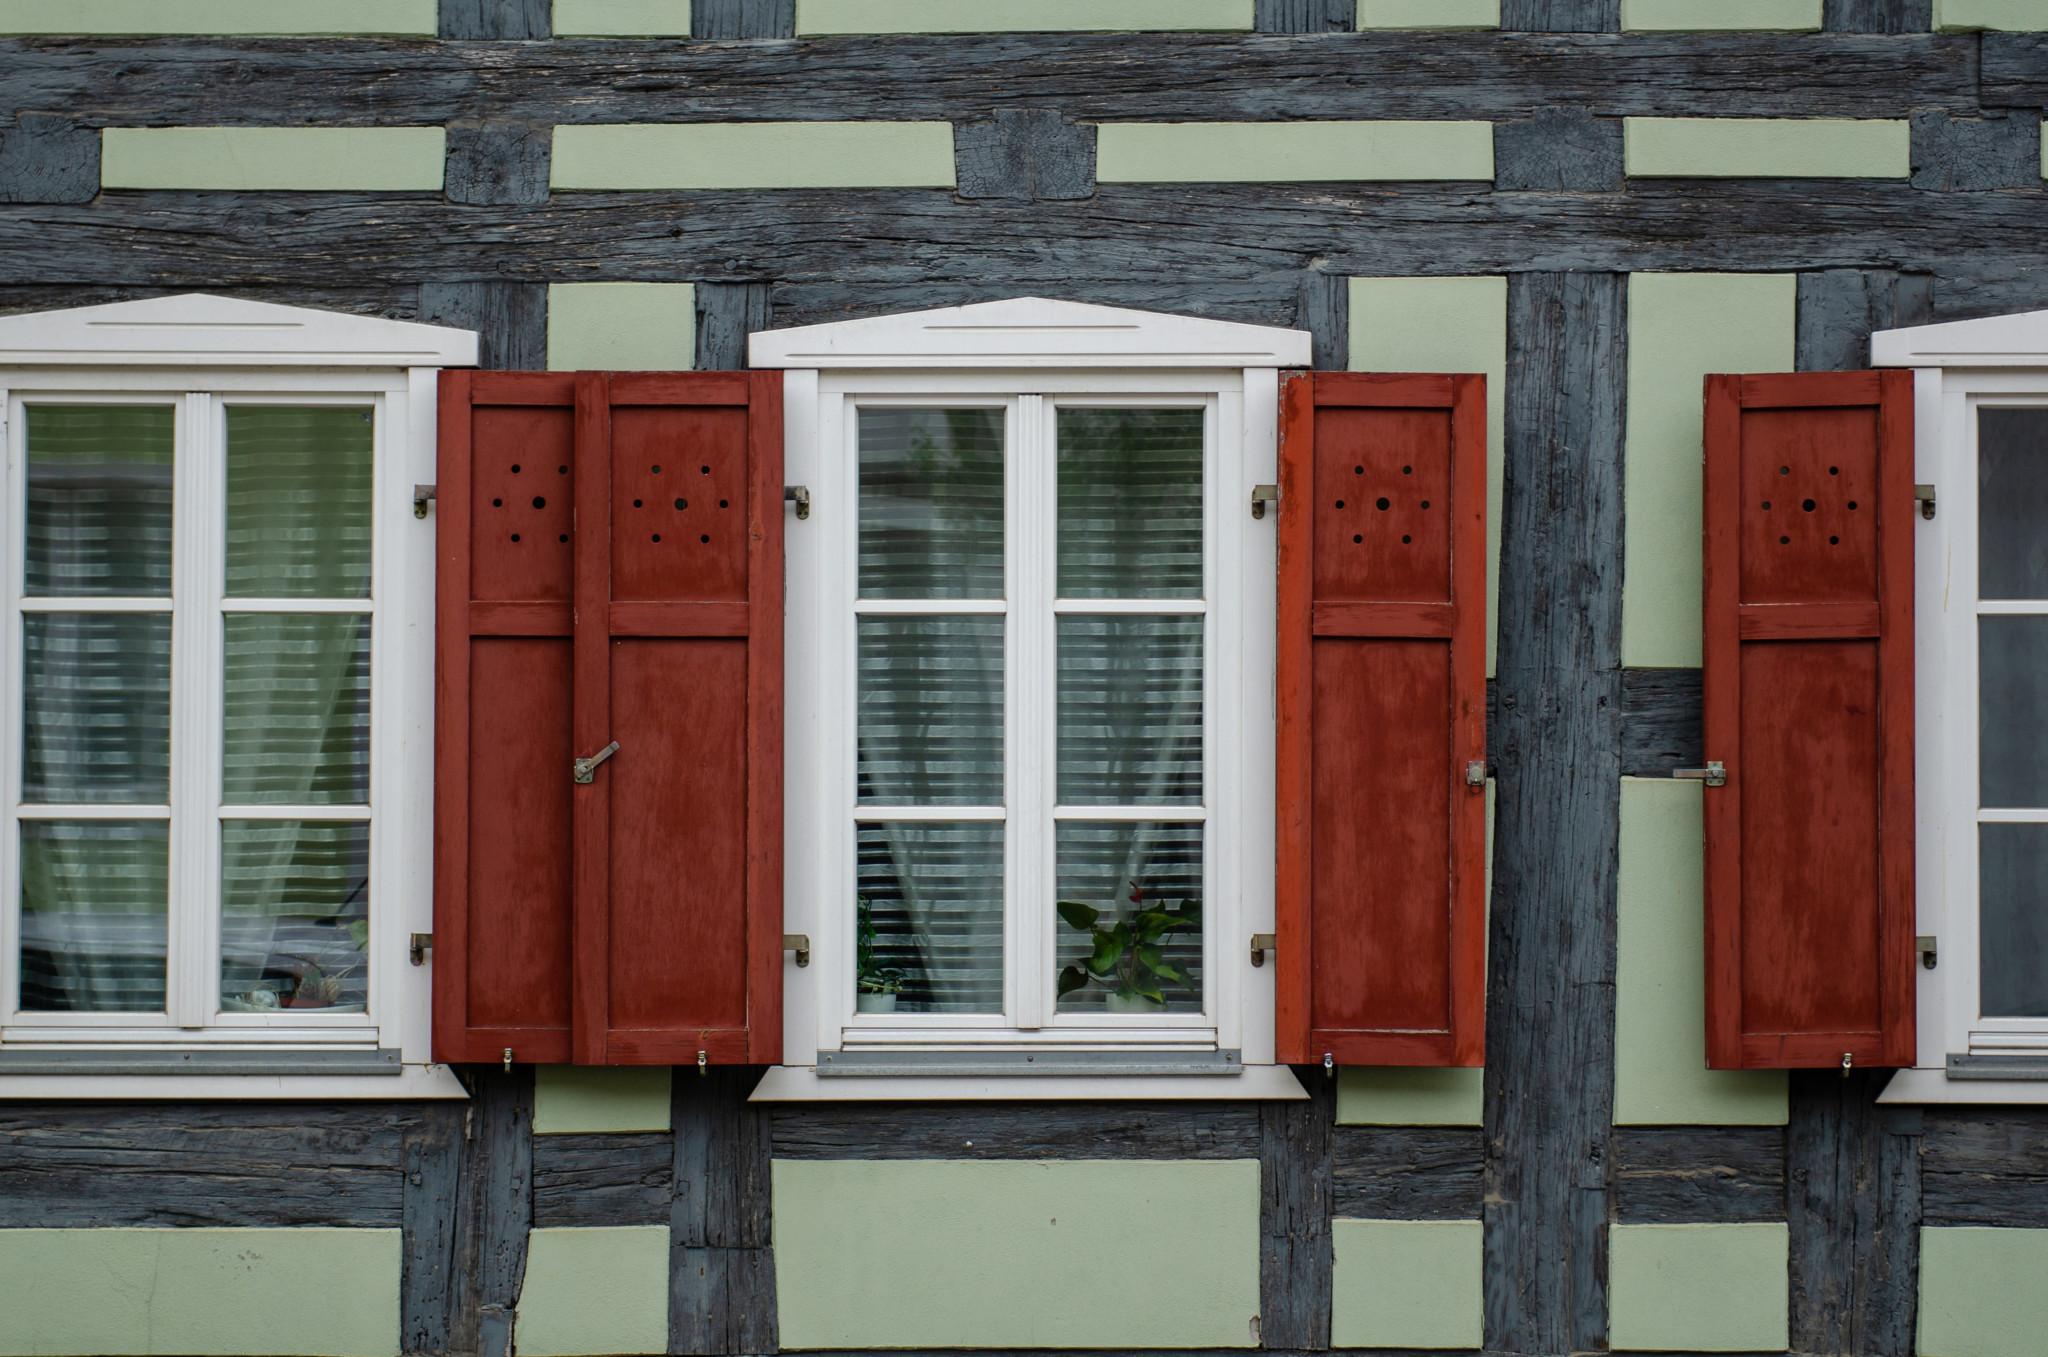 Fachwerkfassaden gehören zu Templin in Brandenburg dazu